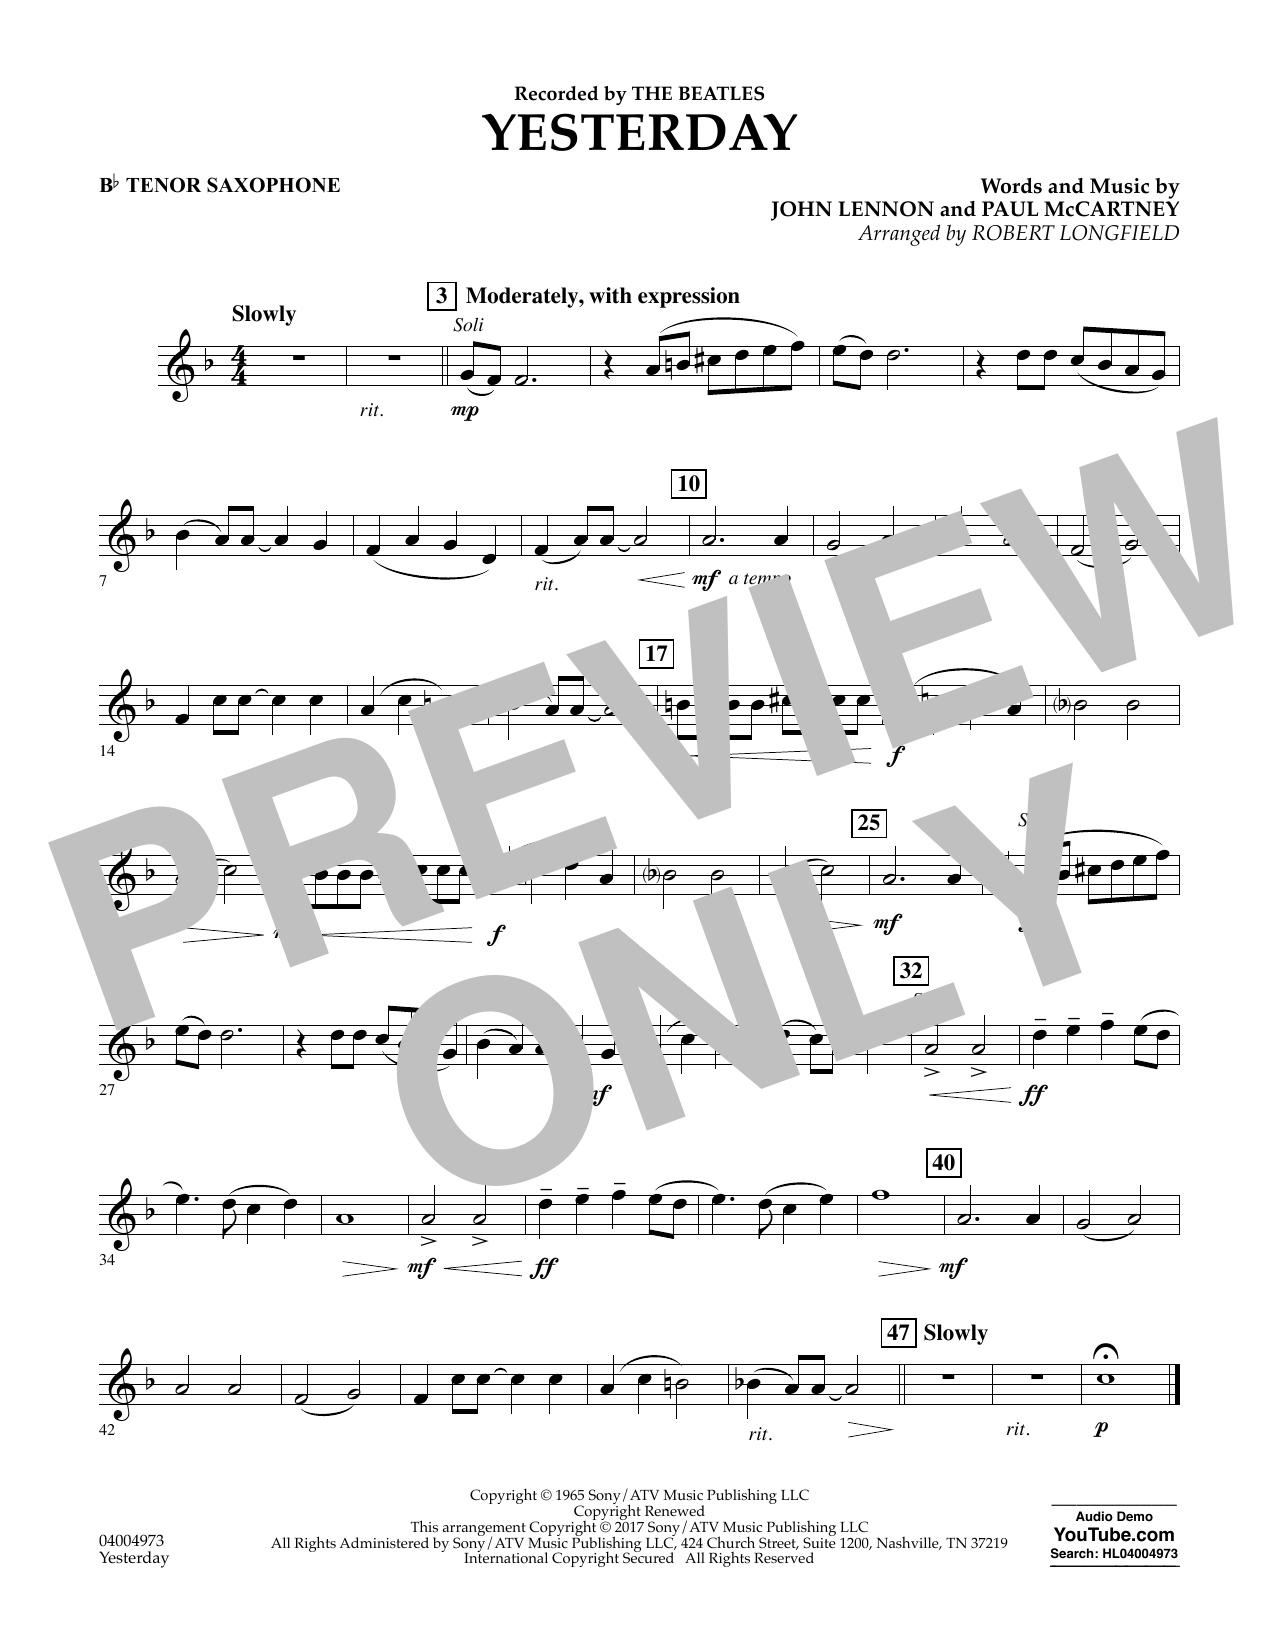 Yesterday - Bb Tenor Saxophone Sheet Music